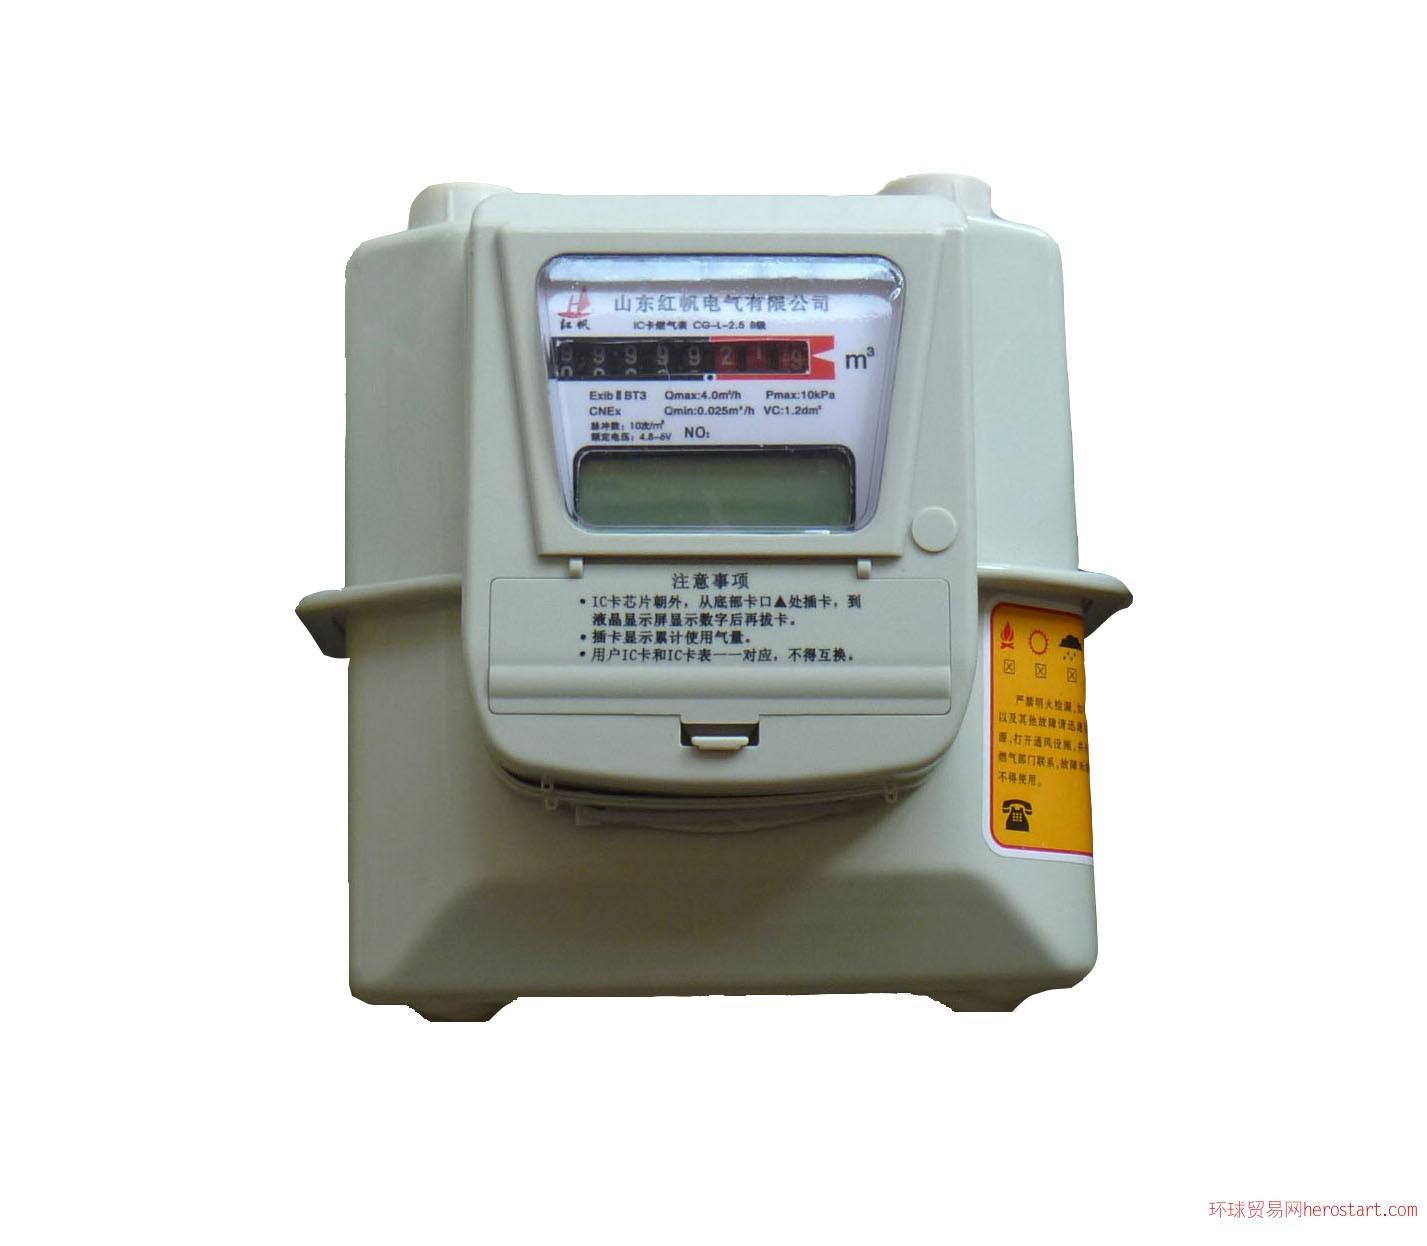 IC卡燃气表